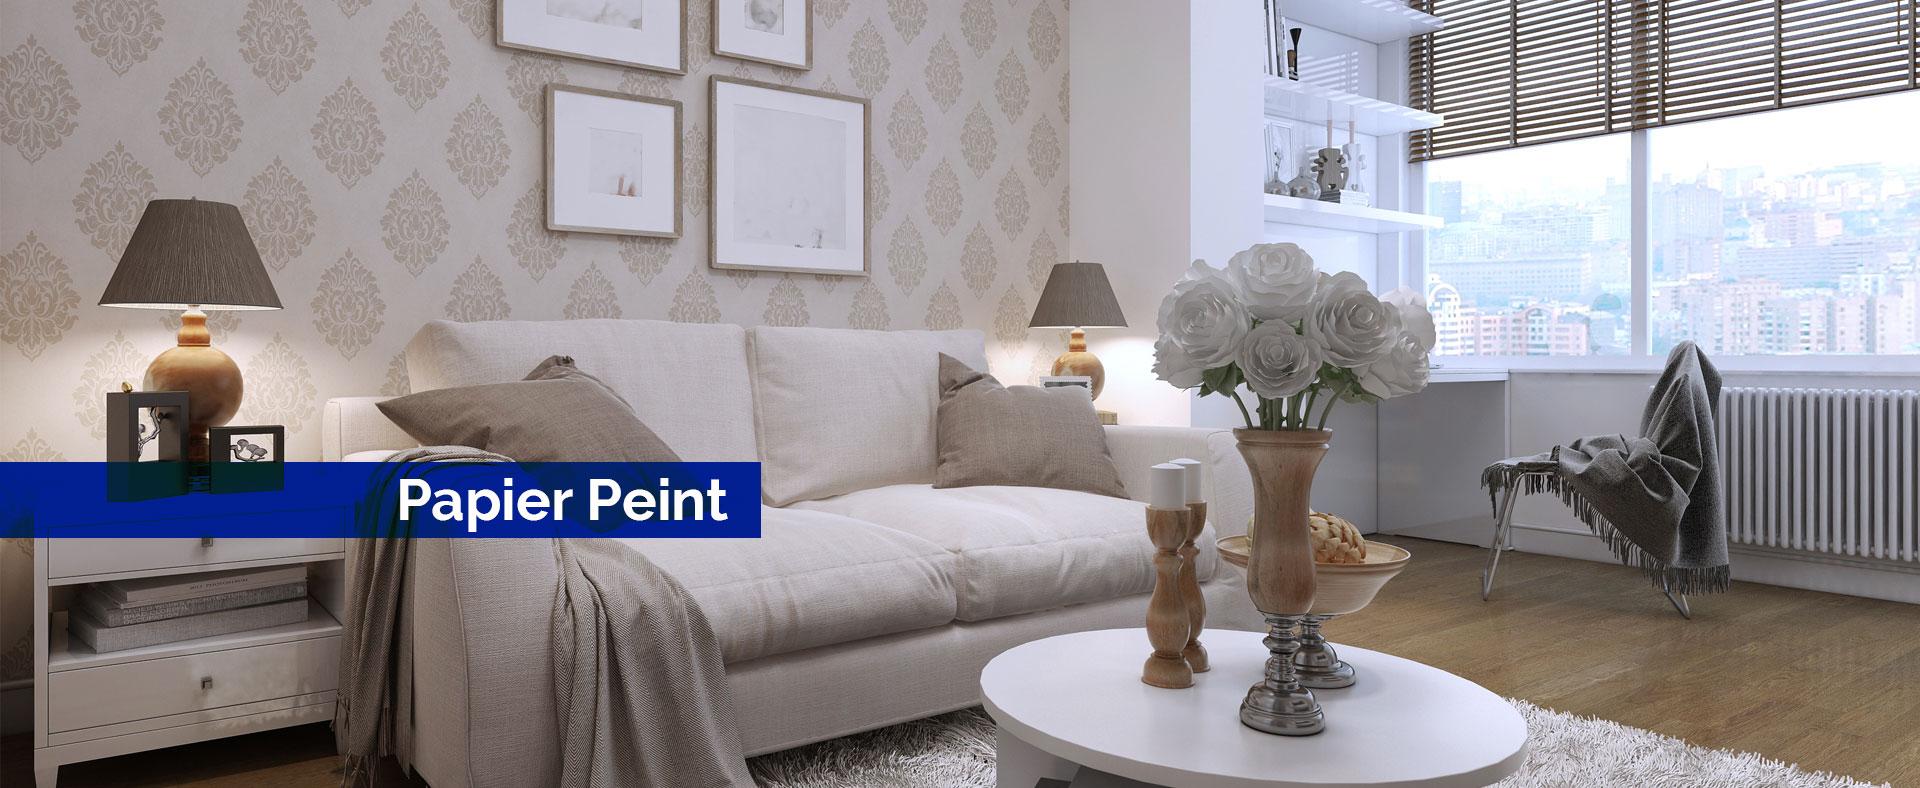 Sen decors tunisie d coration int rieur faux plafonds d montable for Papier peint tunisie